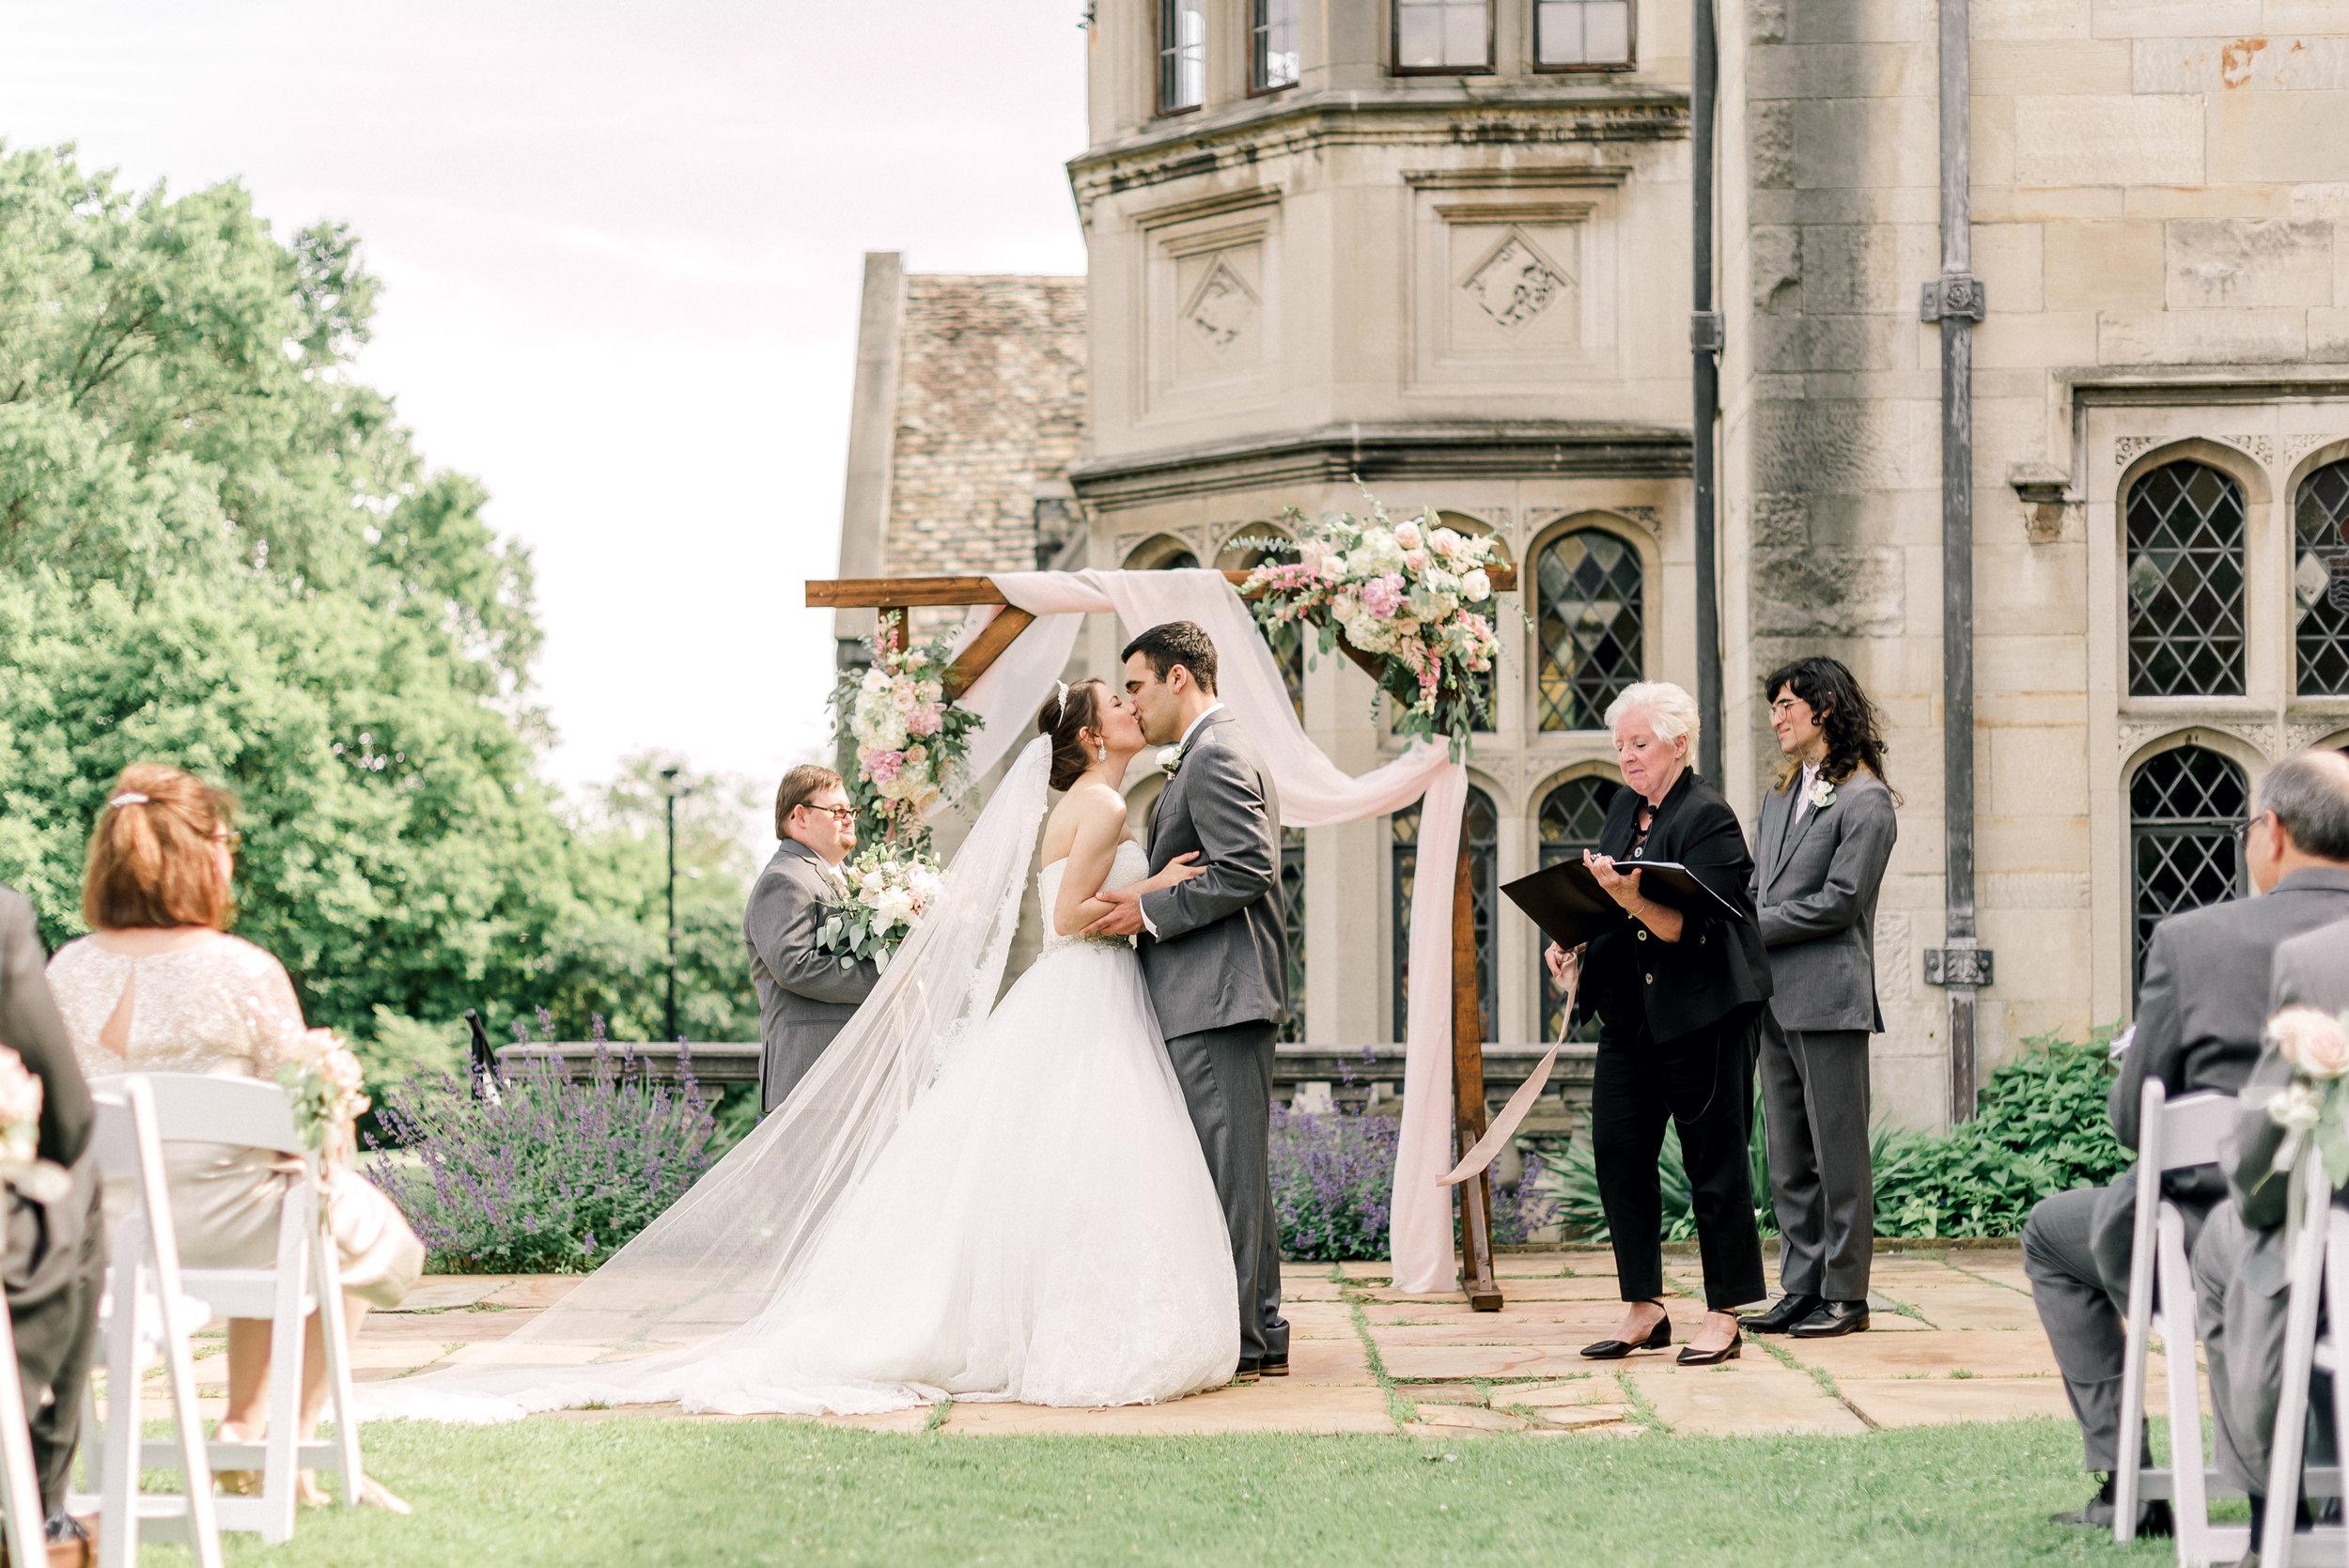 pittsburgh-wedding-photographer-hartwood-acres-0029.jpg